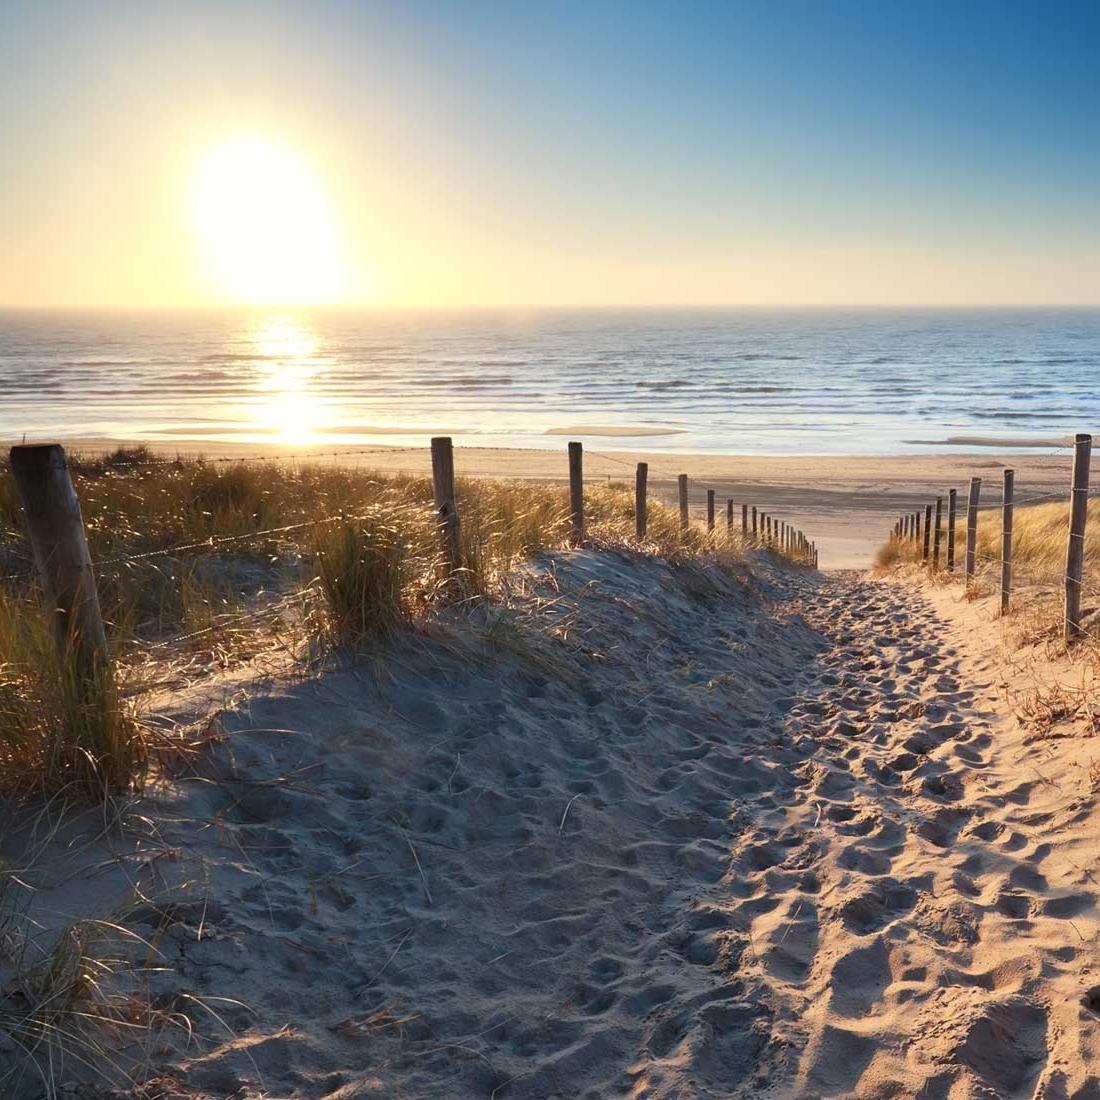 Zeeuwse stranden   Uitwaaien, zonnen, zonsondergang, kiten, putten graven, zwemmen en soezelen, boek lezen, hand in hand wandelen, eten, ... er is maar weinig wat je er niet kunt doen op de  Zeeuwse stranden . Beschut achter duinen en dijken in Cadzand, Breskens, Groede of Nieuwvliet kun je hier uren doorbrengen.  Nog meer tips?